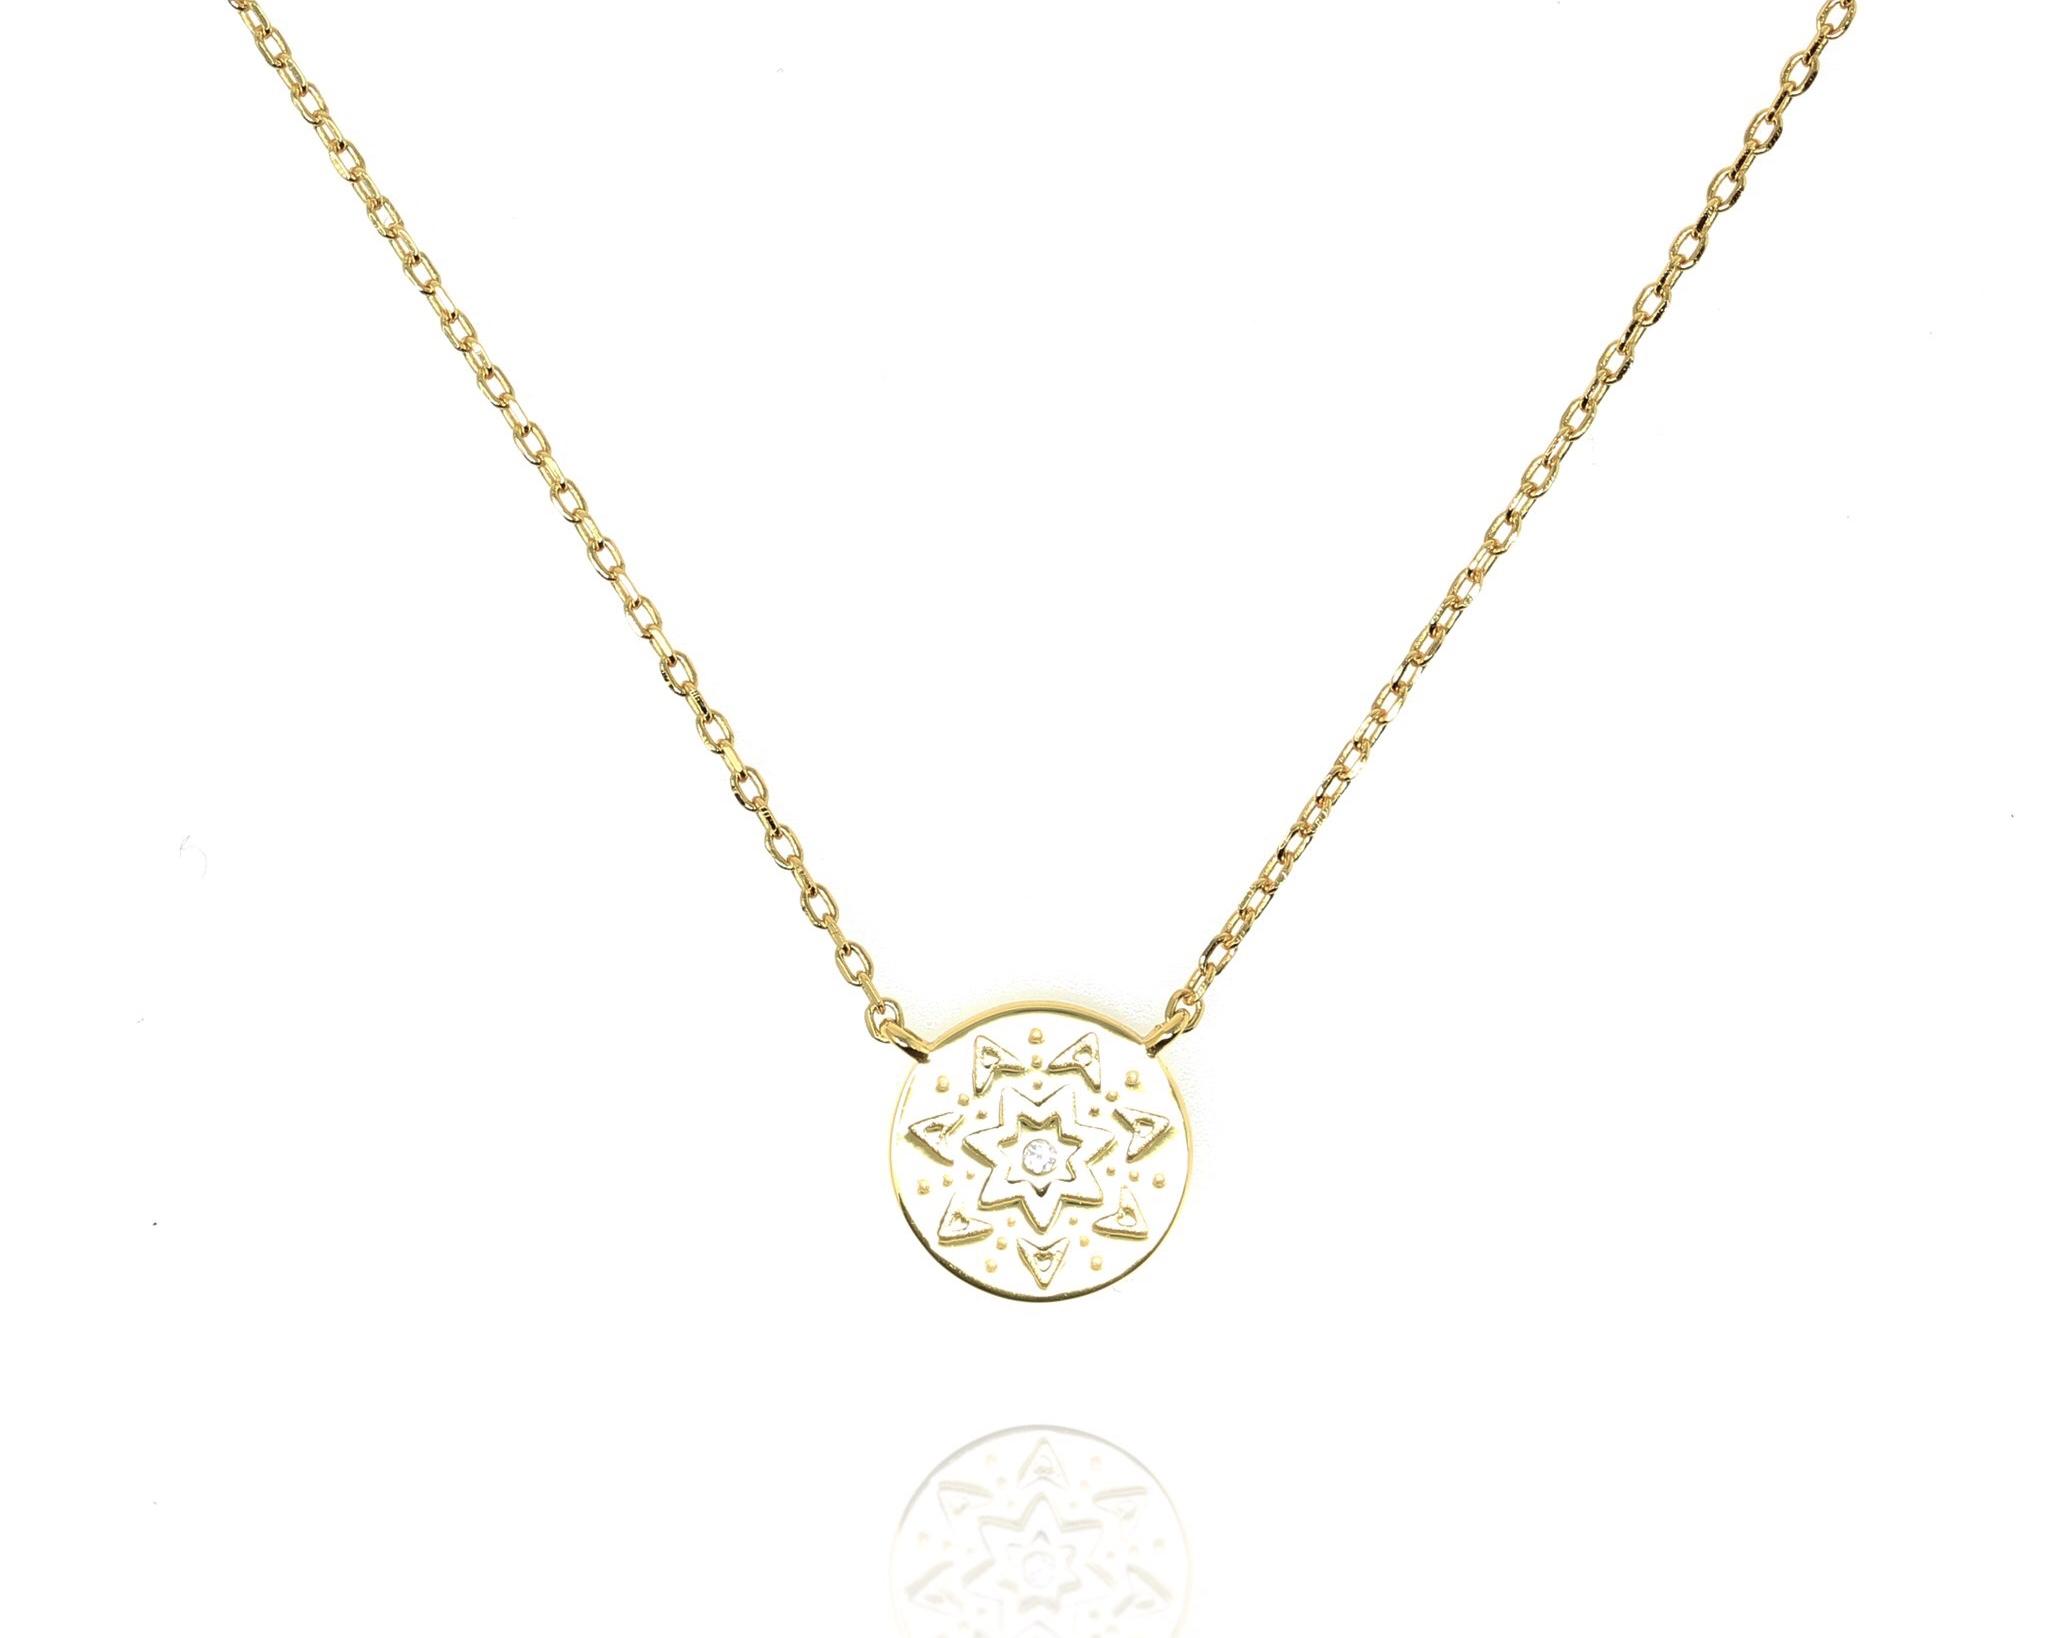 Sunburst Disc Necklace  - Gold NG-22/G